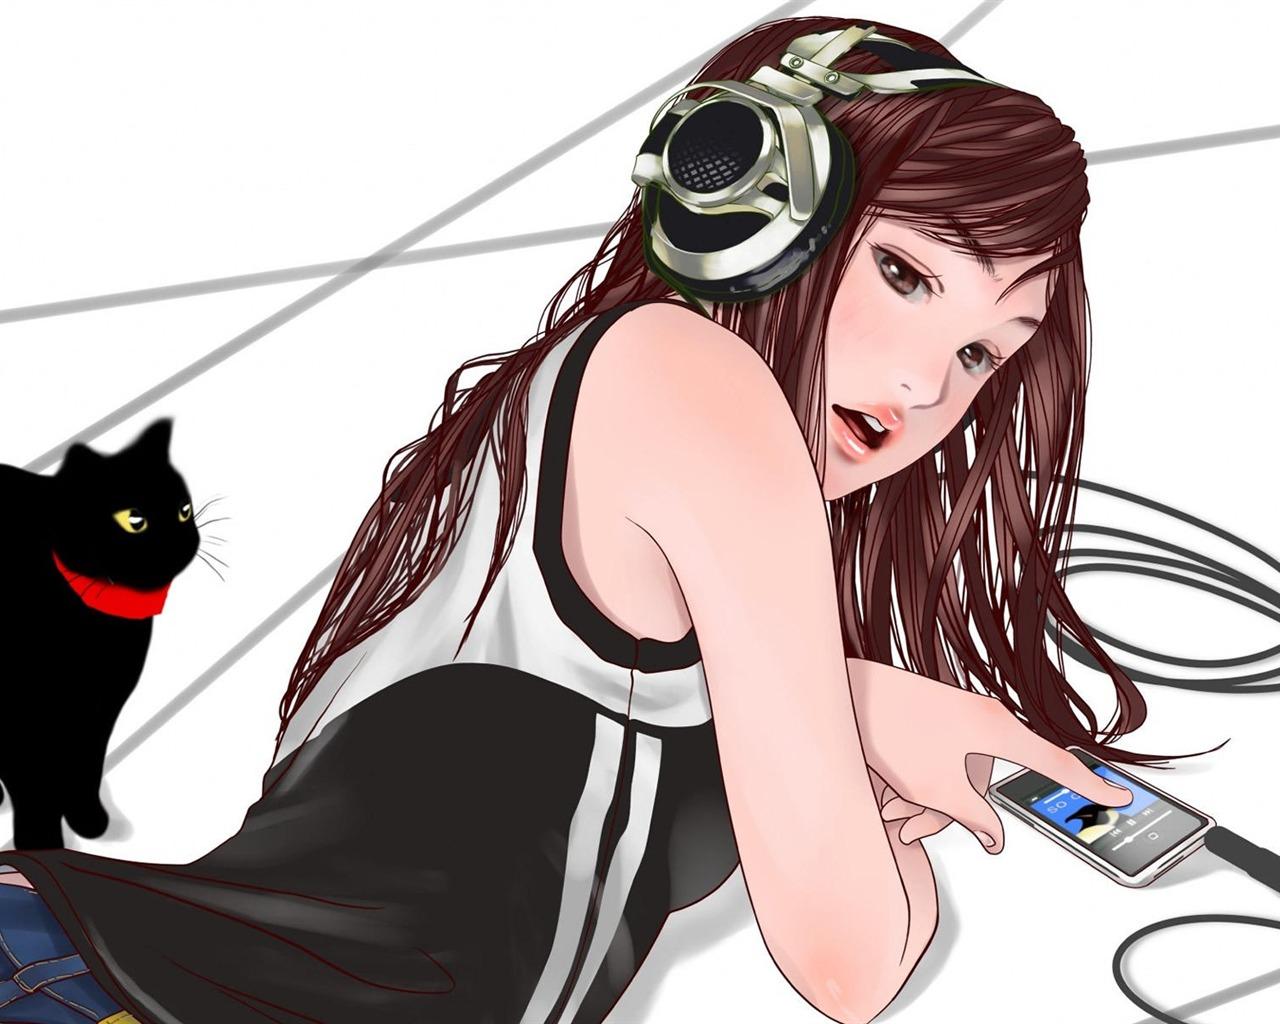 可爱戴着耳机的女孩子动漫宽屏壁纸图片